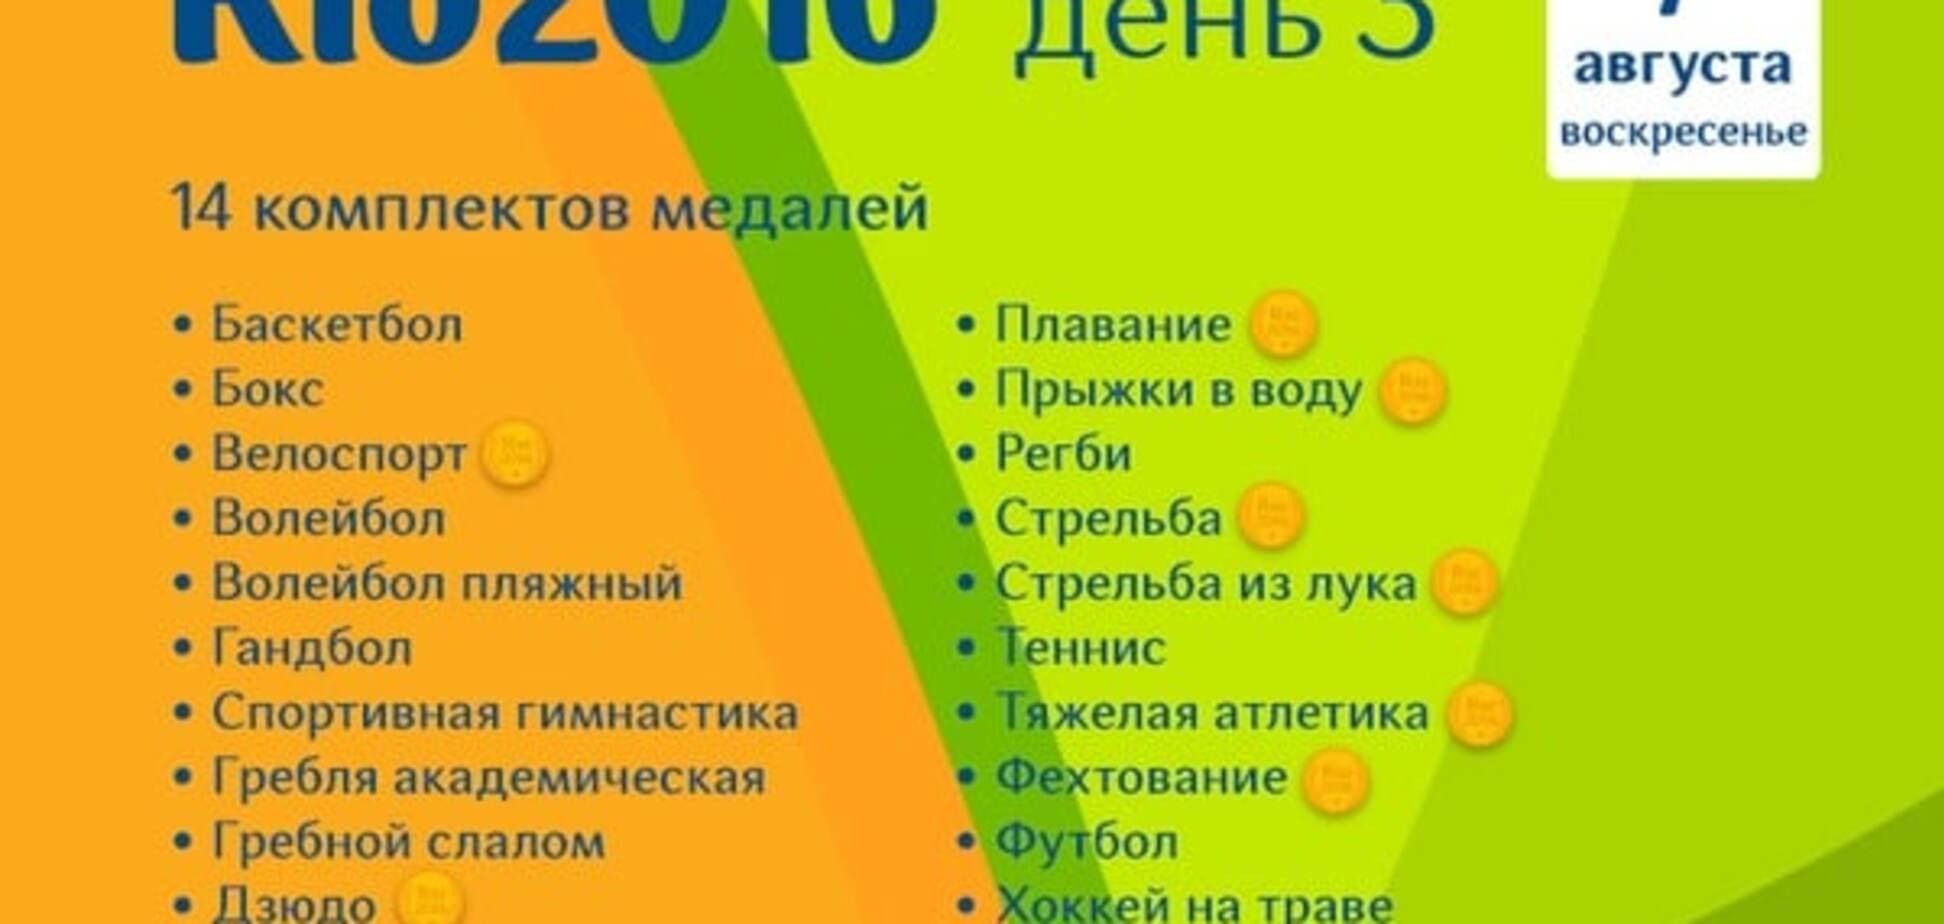 Олимпиада-2016: расписание